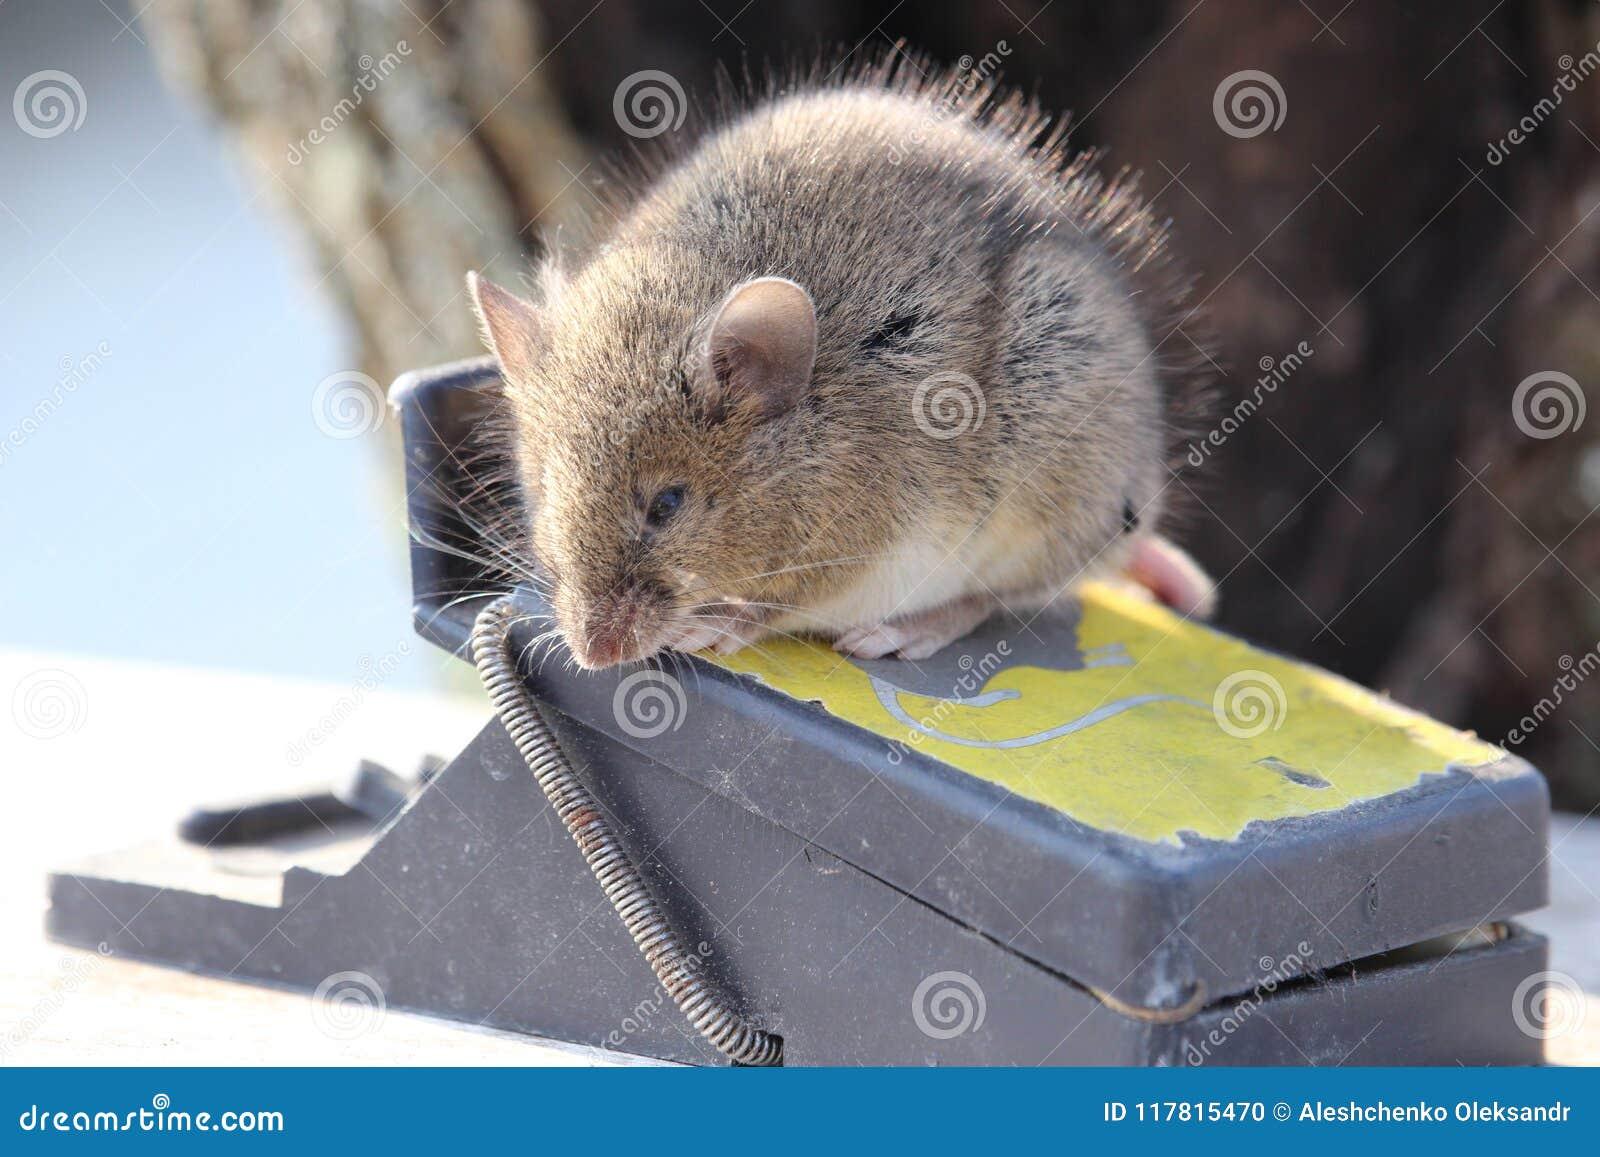 Den lilla musen sitter på en råttfälla